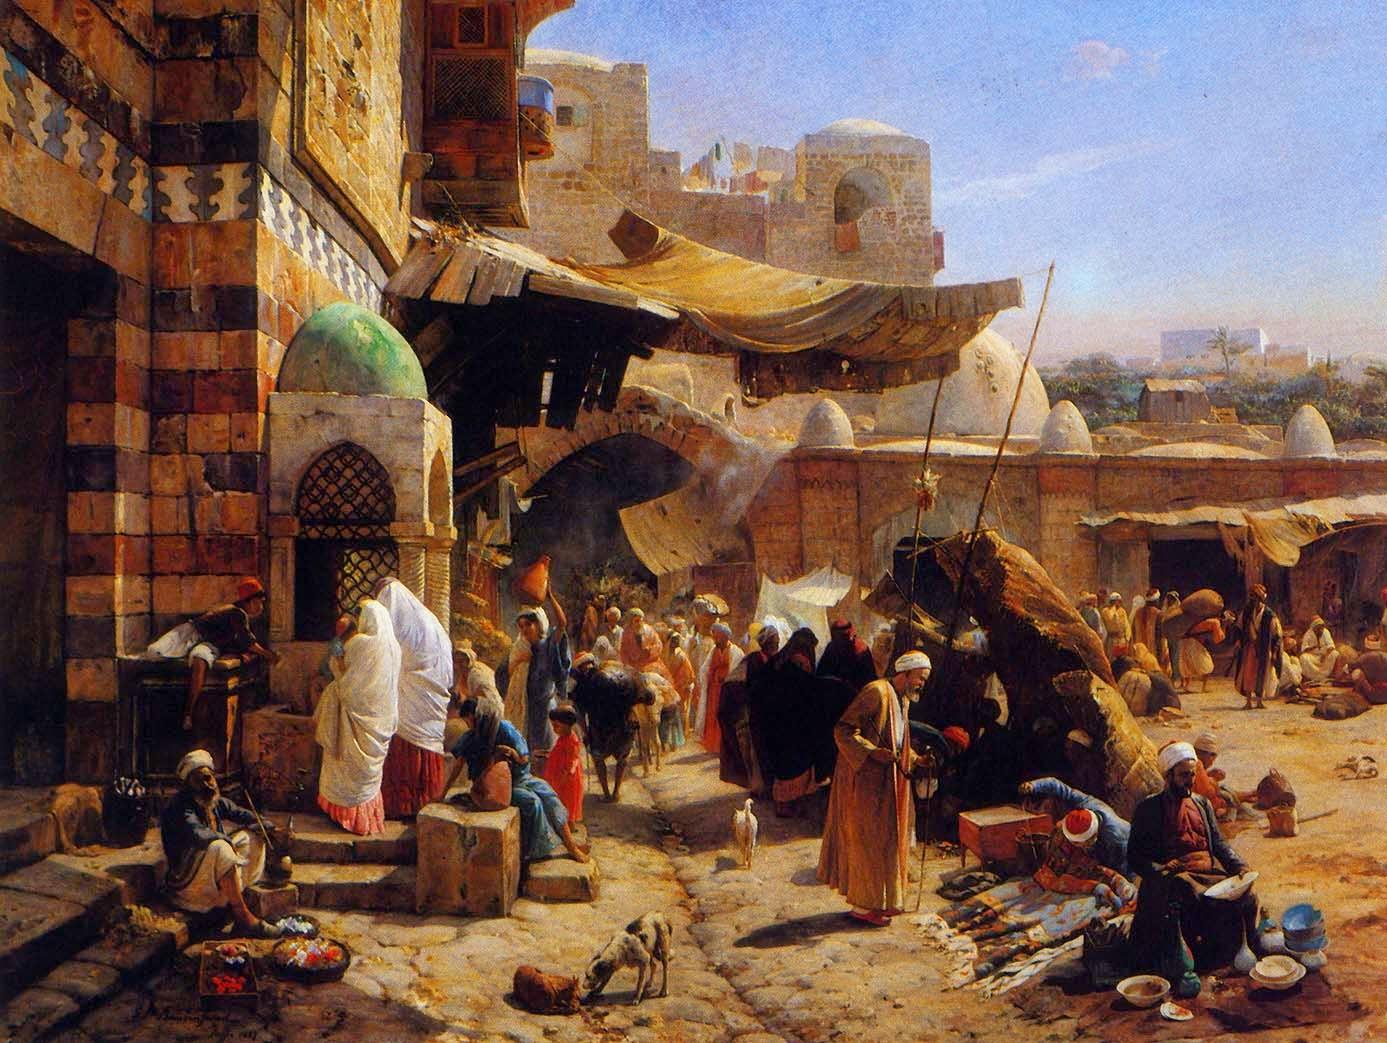 Kehidupan Arab lama